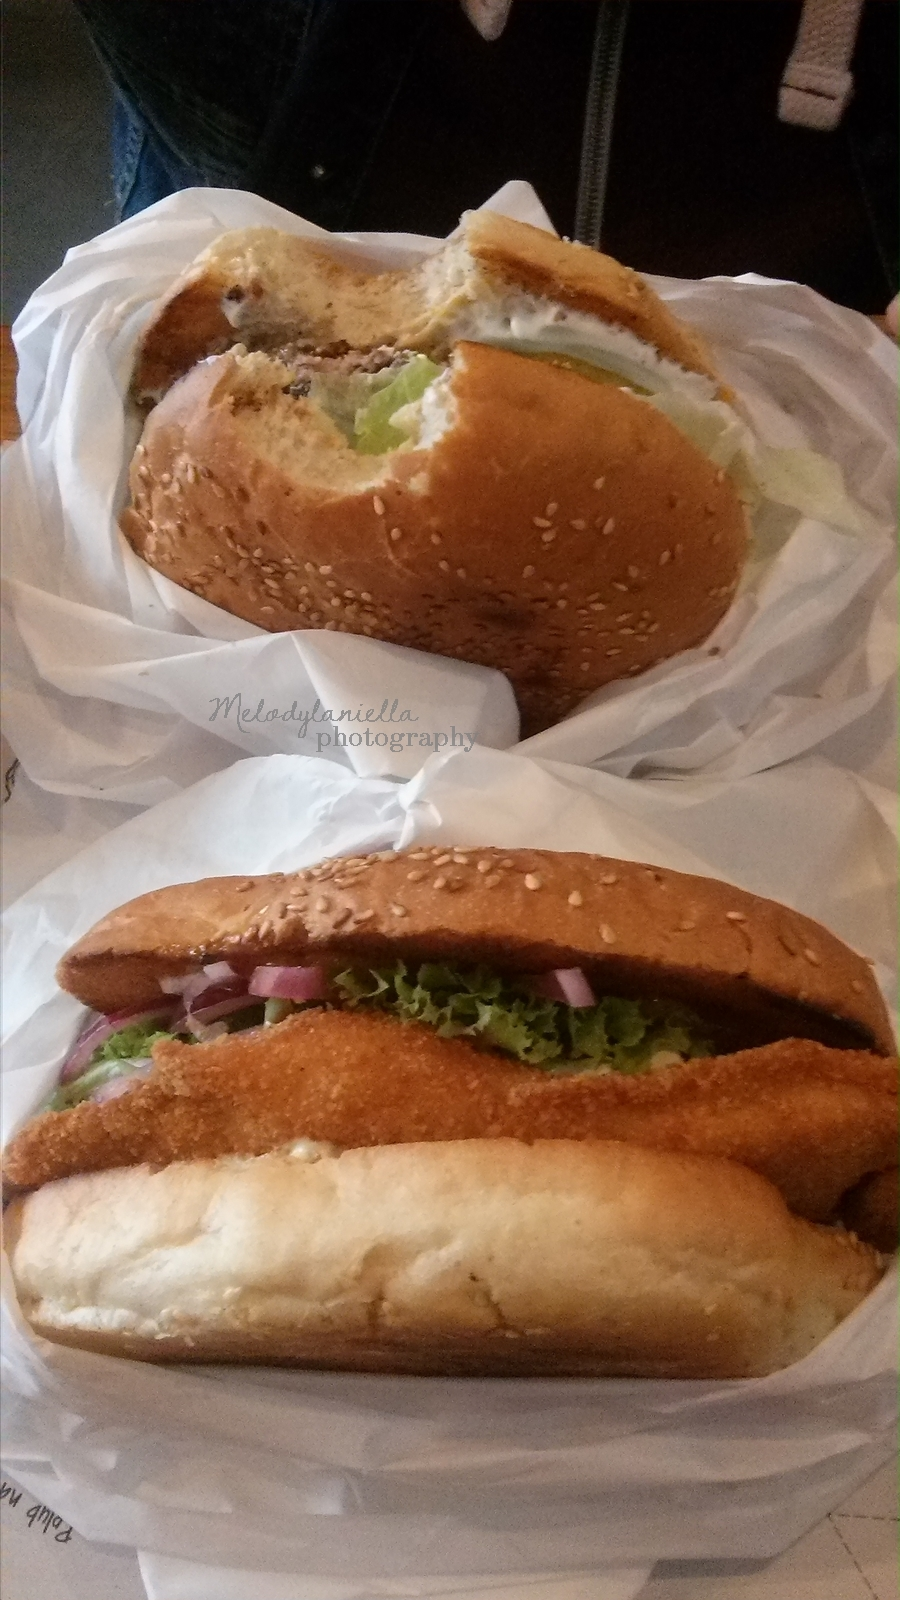 poznan restauracje gdzie zjesc w poznaniu czerwone sombrerro jedznie  dobre lody fajna ukrajna moa burger pysna chalupa lapu papu burgery